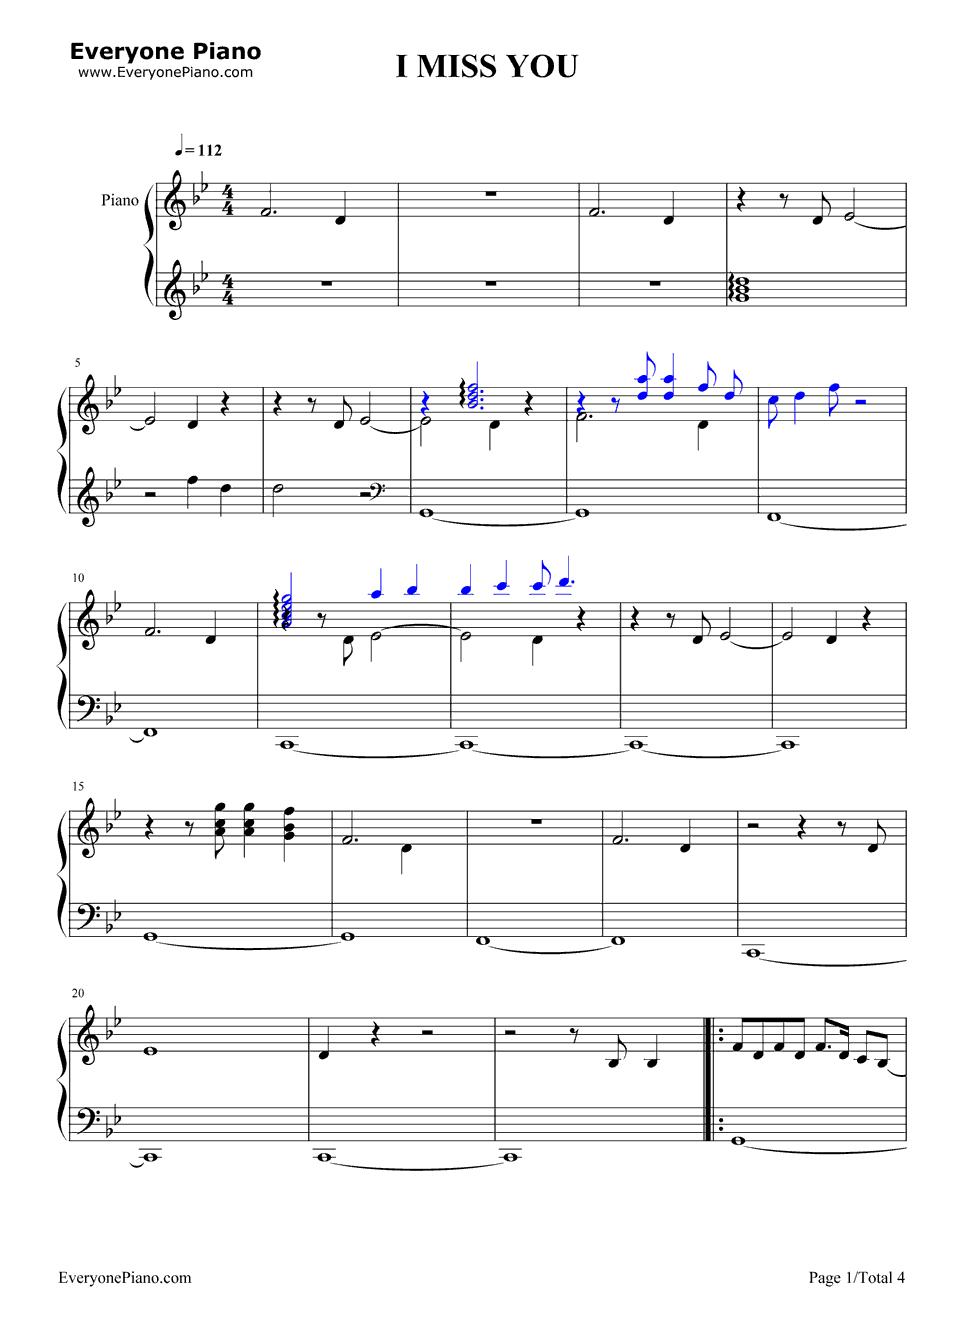 Adele pdf free download free